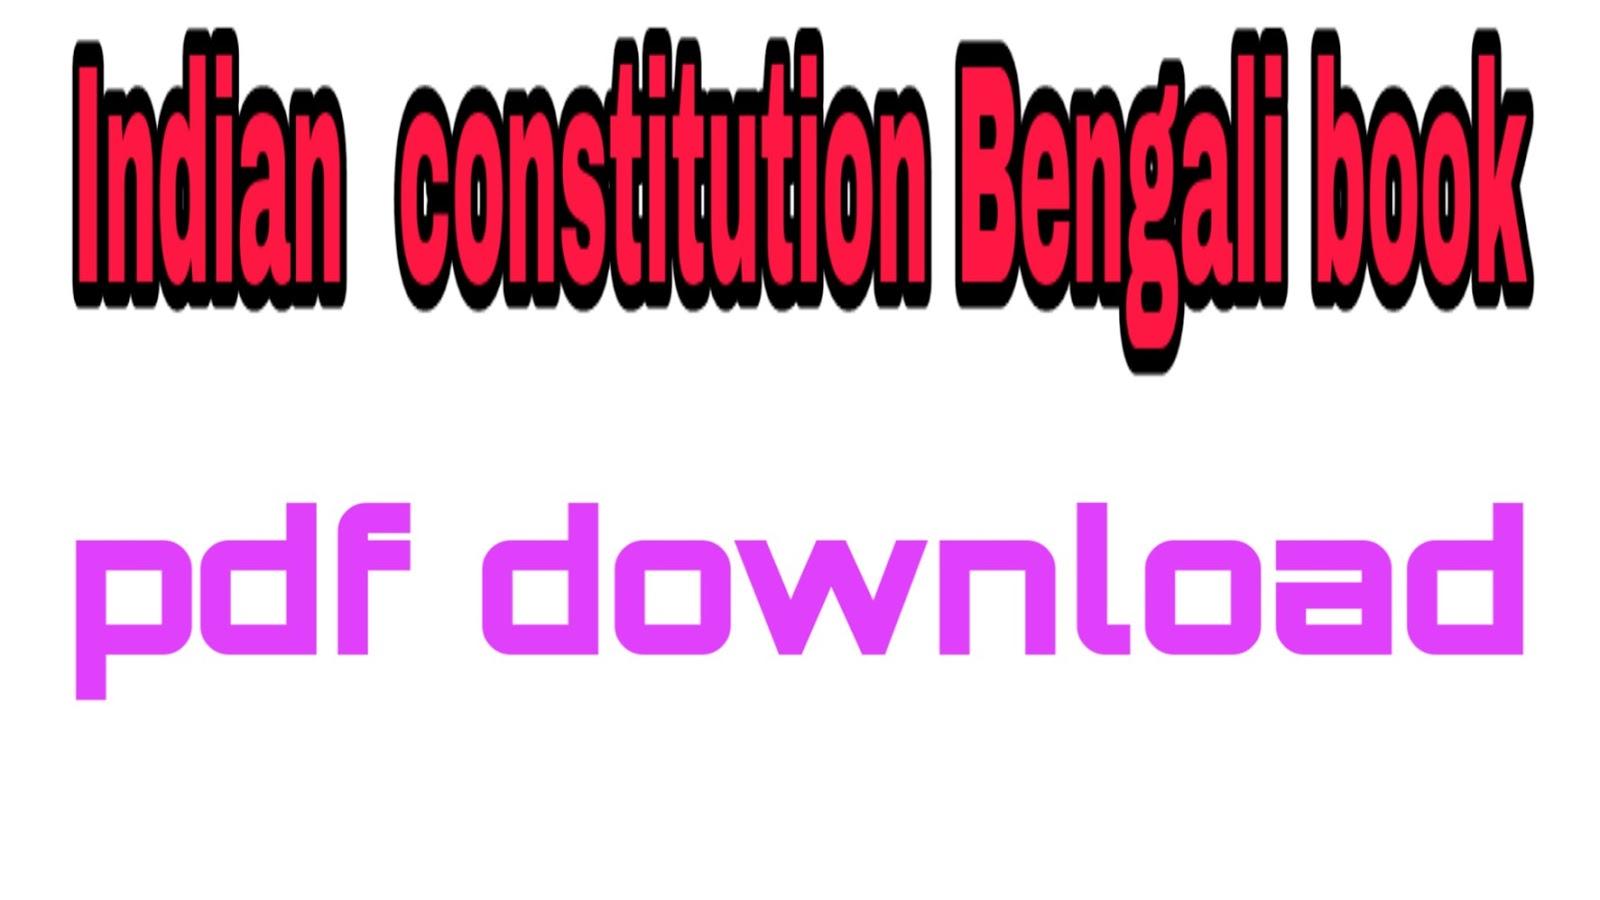 cccccccccccccccccc introduction to the constitution of India